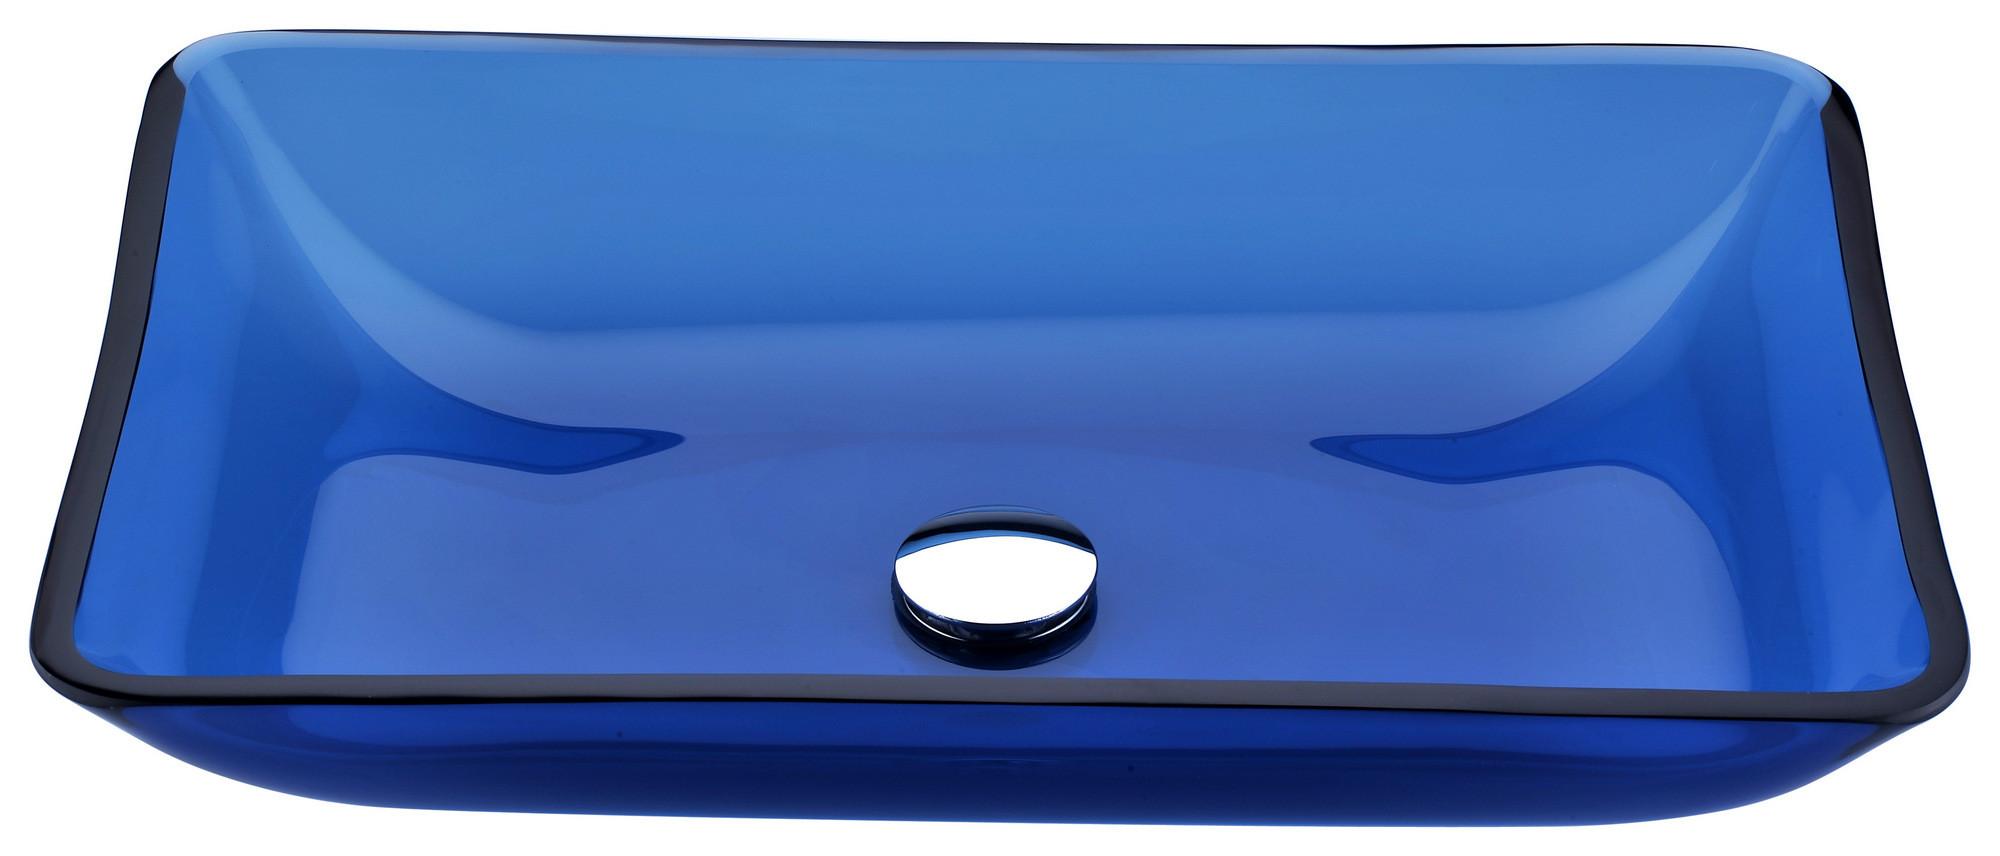 ANZZI LS-AZ044 Harmony Series Deco-Glass Vessel Sink In Cloud Blue